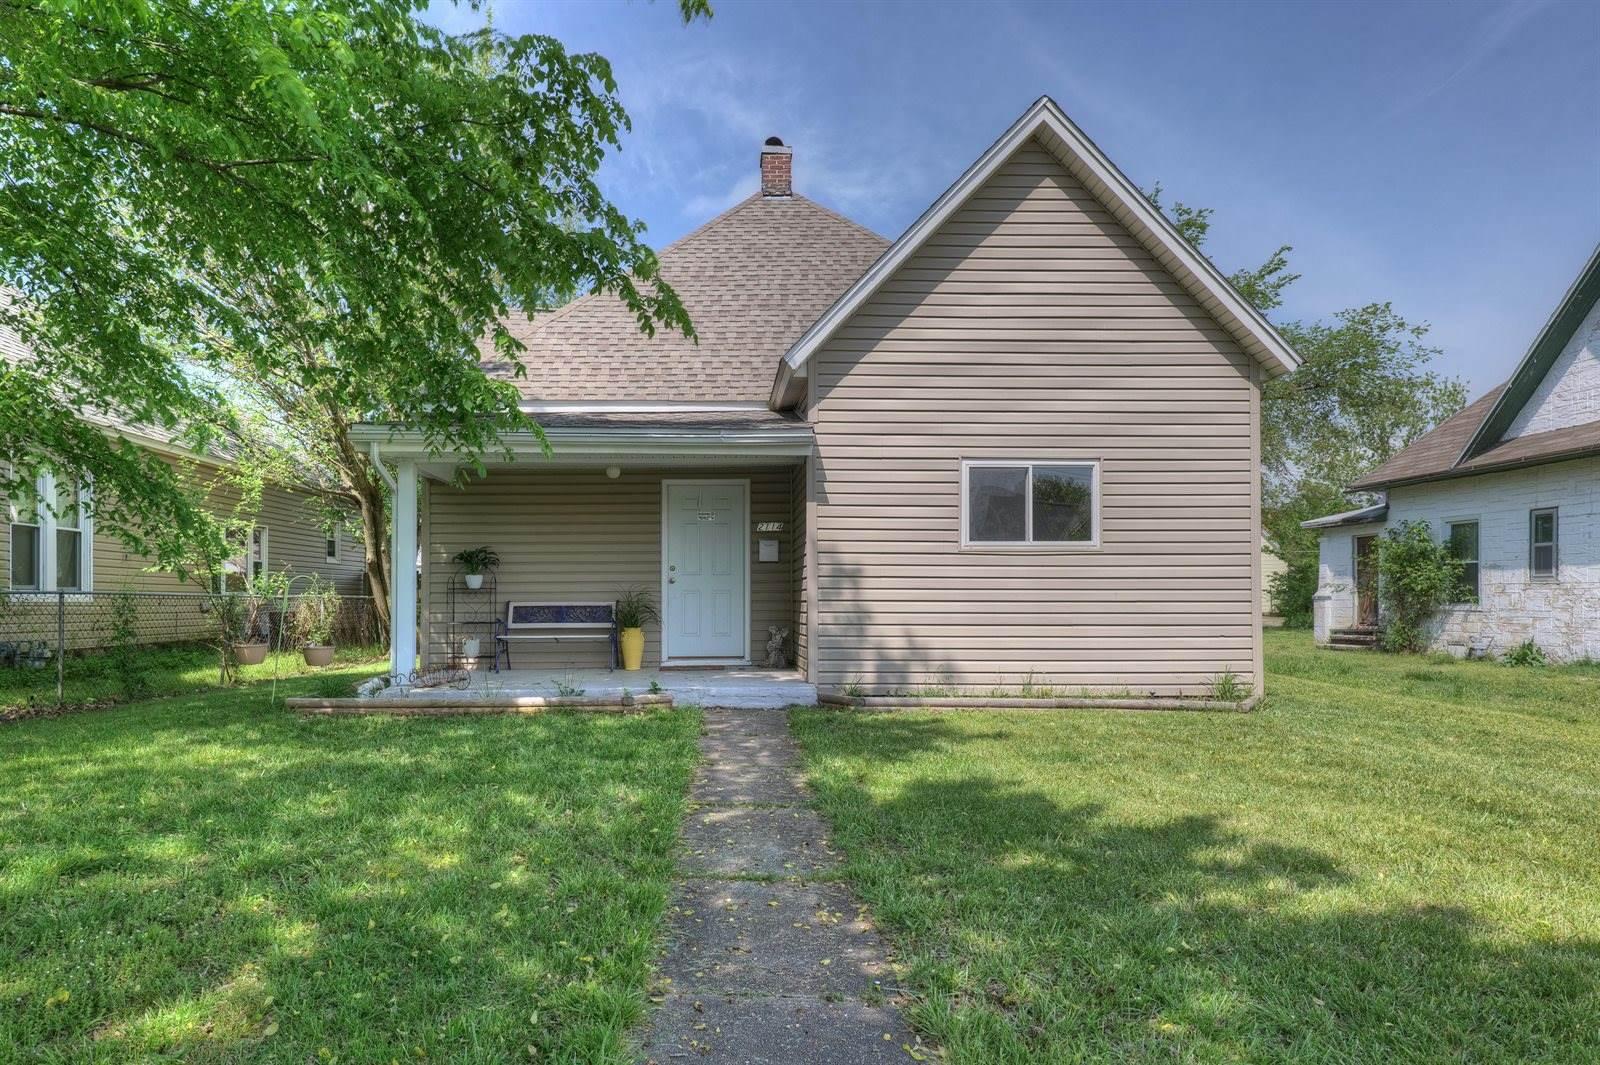 2114 South Byers Avenue, Joplin, MO 64804